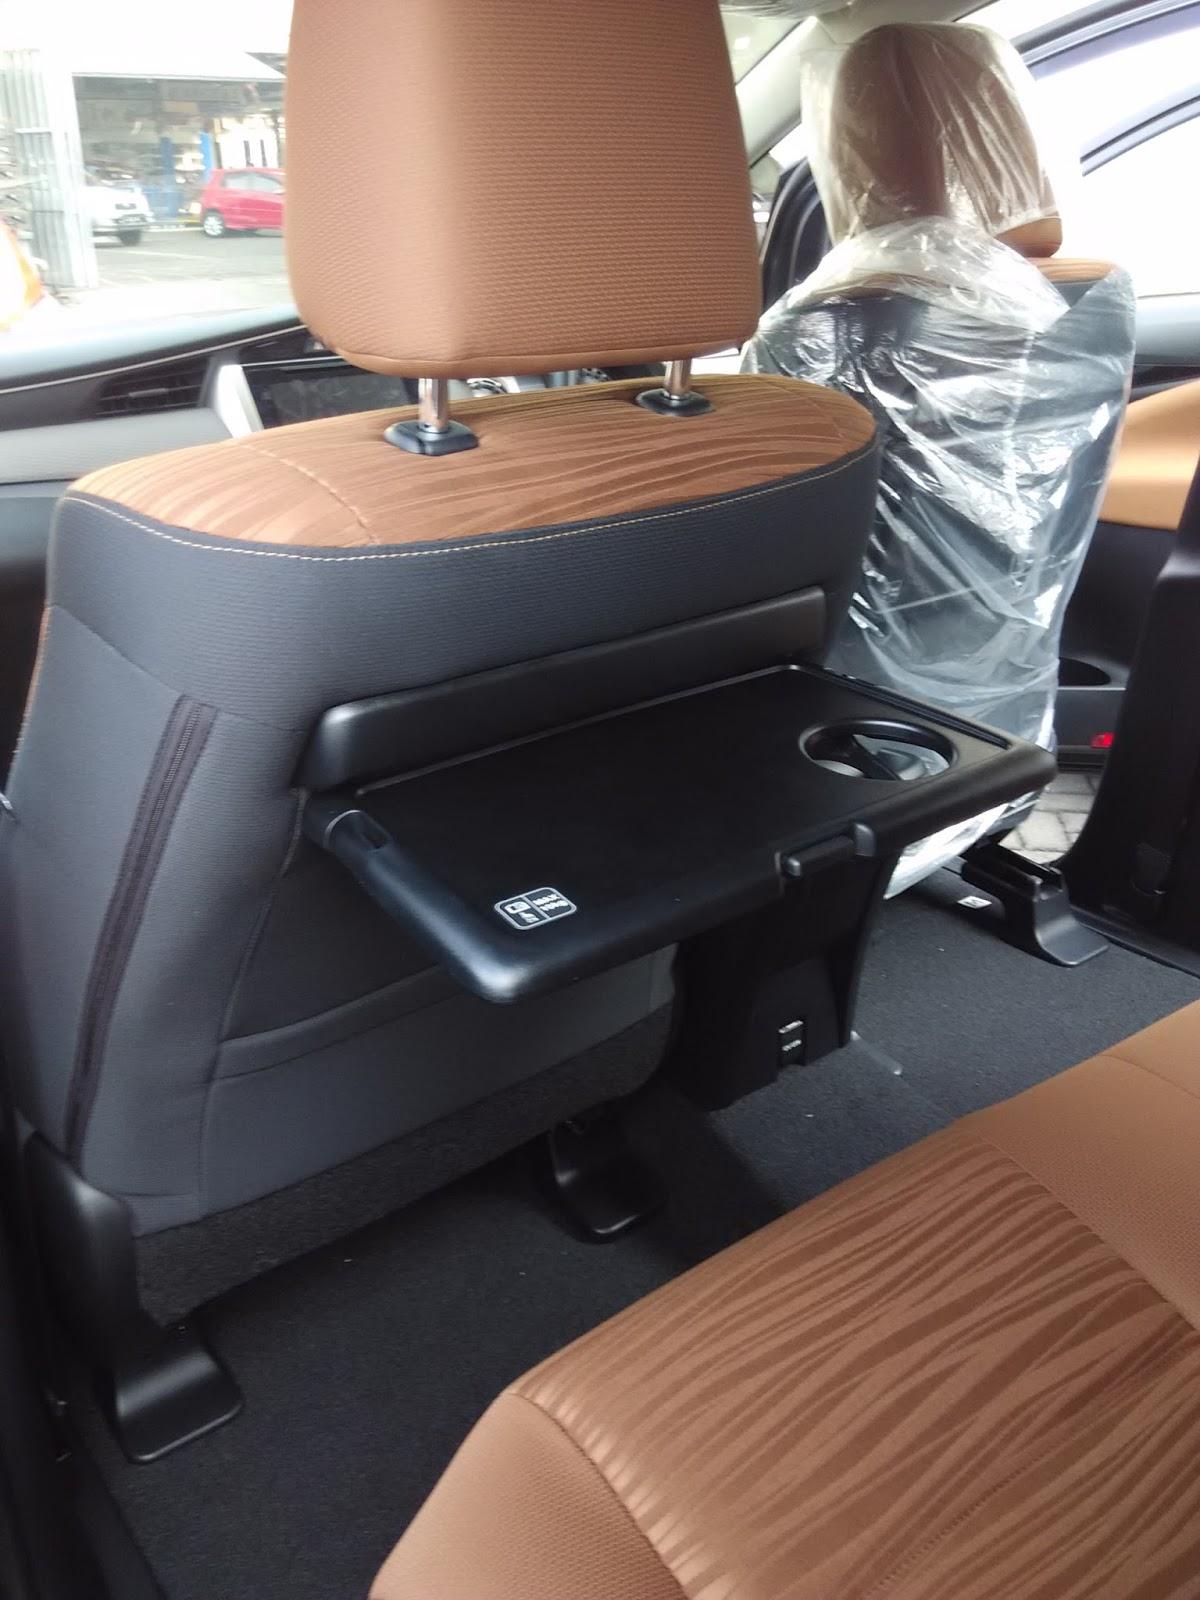 Meja Lipat All New Kijang Innova Cara Ganti Klakson Grand Avanza Melihat Interior Tipe V Dikta Toyota Informasi Yang Fungsional